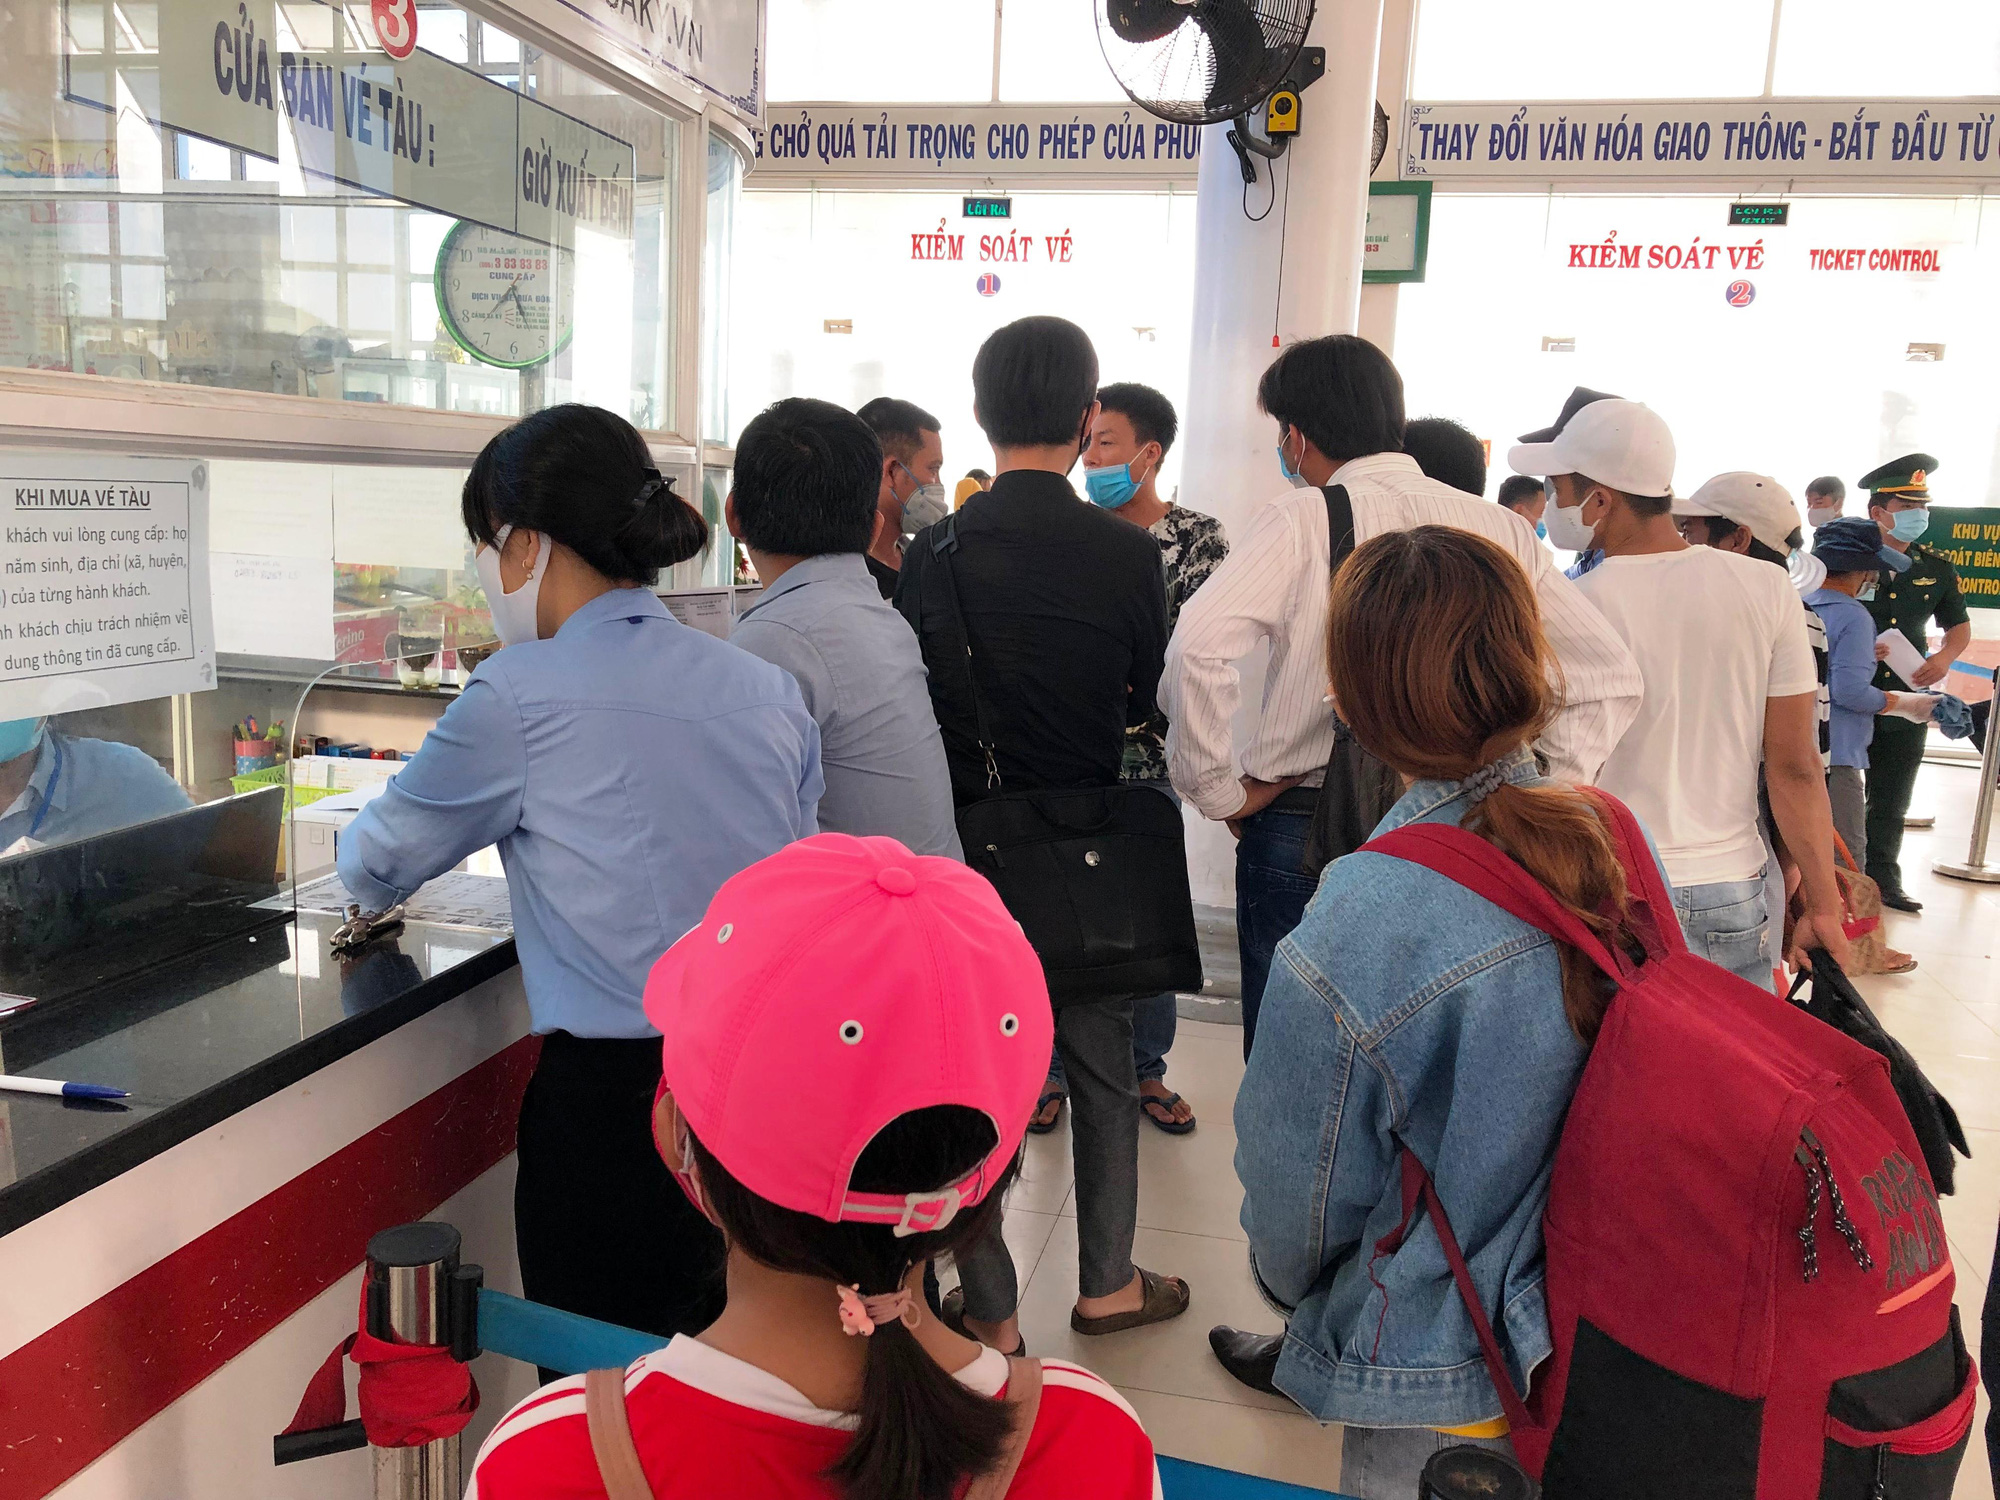 Hành khách đi Lý Sơn bức xúc vì thiếu tờ khai y tế - Báo Người lao ...